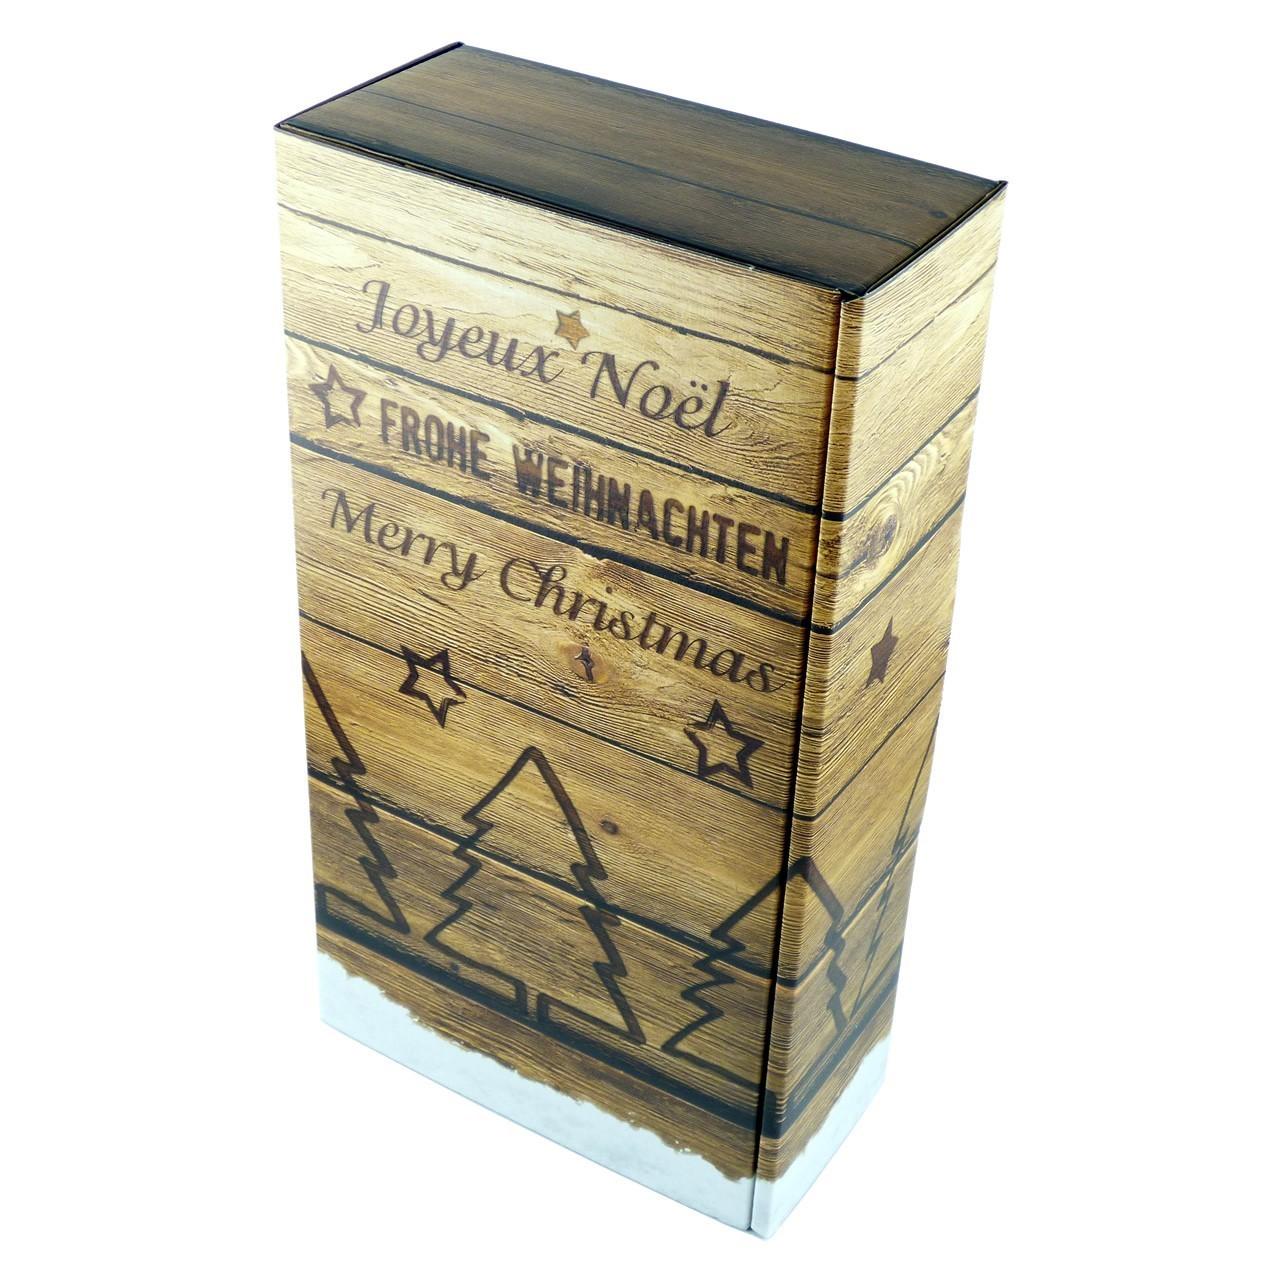 Weihnachtliche Geschenkverpackung mit Echtholz-Optik sowie neuartiger Echtholz-Haptik und staubfreier, naturbelassenen Holzwolle